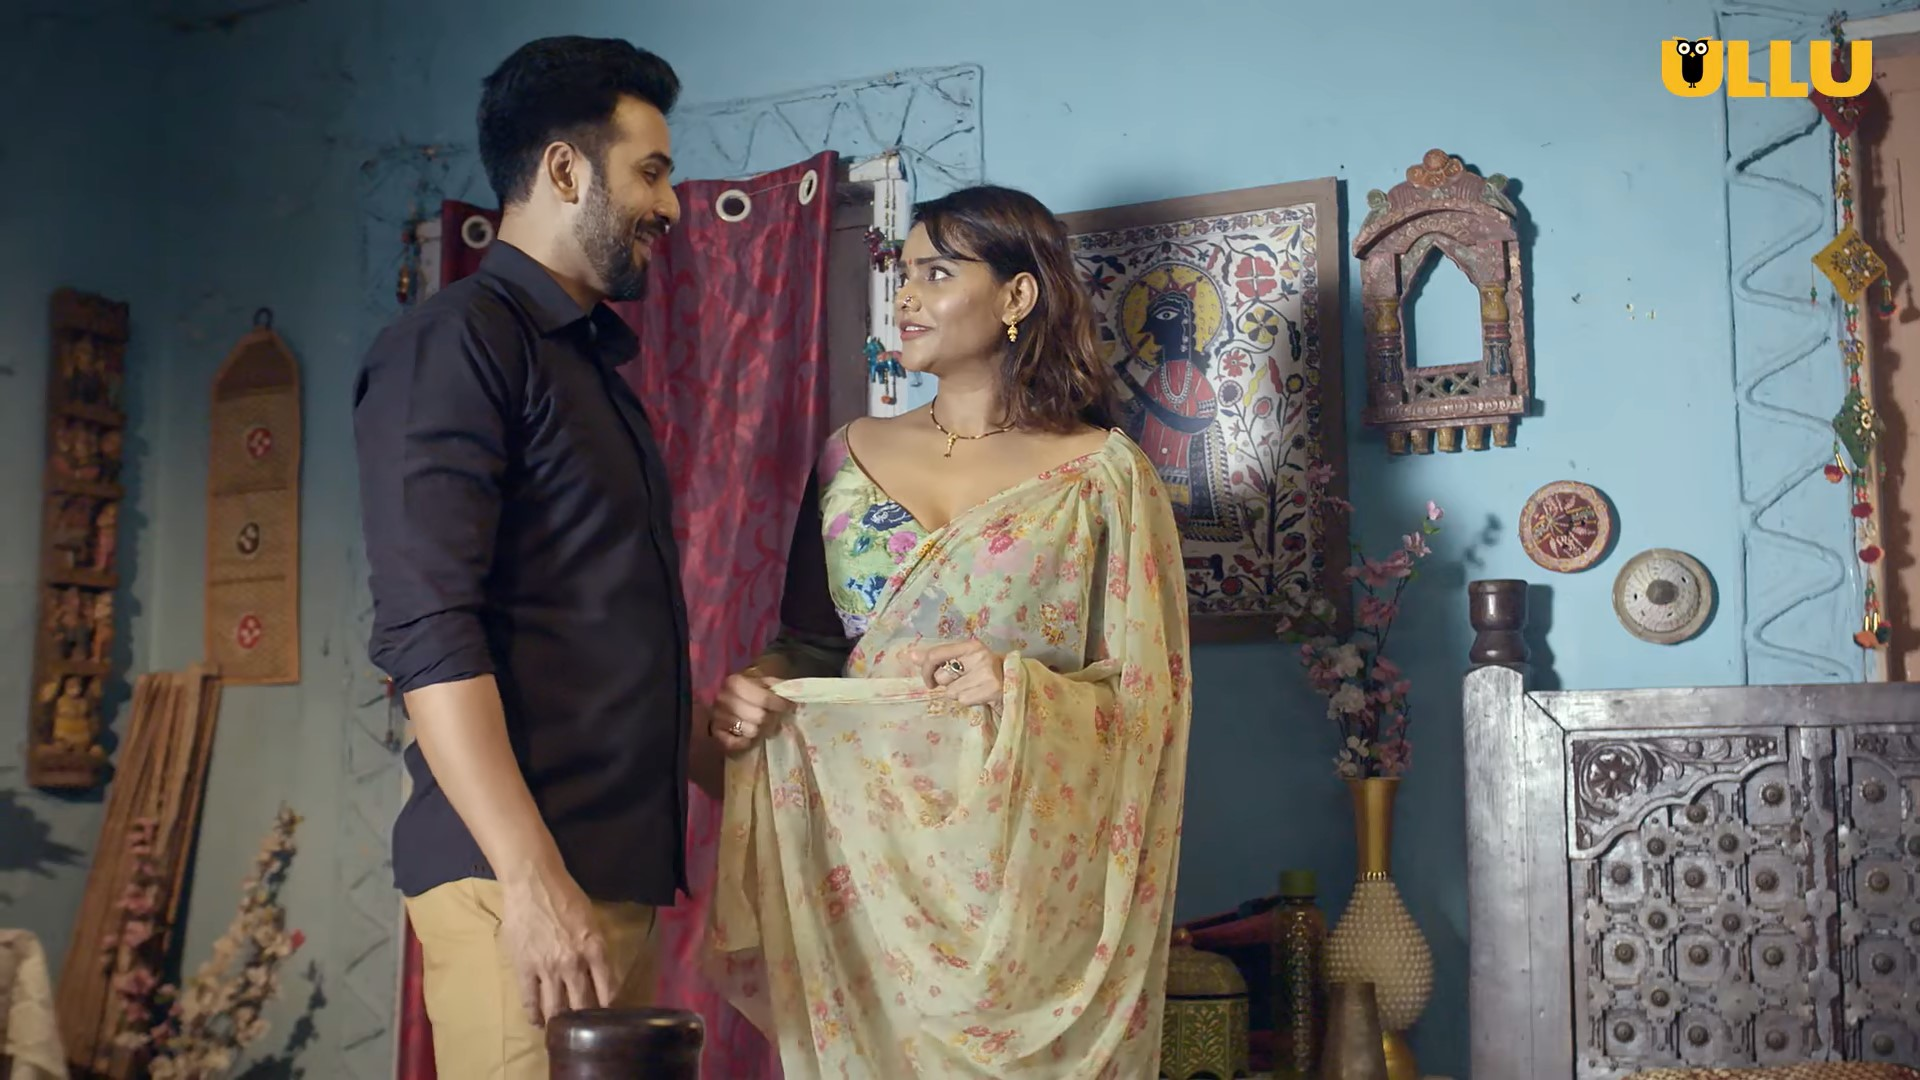 Charmsukh Jane Anjane Mein 3 Web Series (2021) Ullu: Cast, All Episodes Online, Watch Online